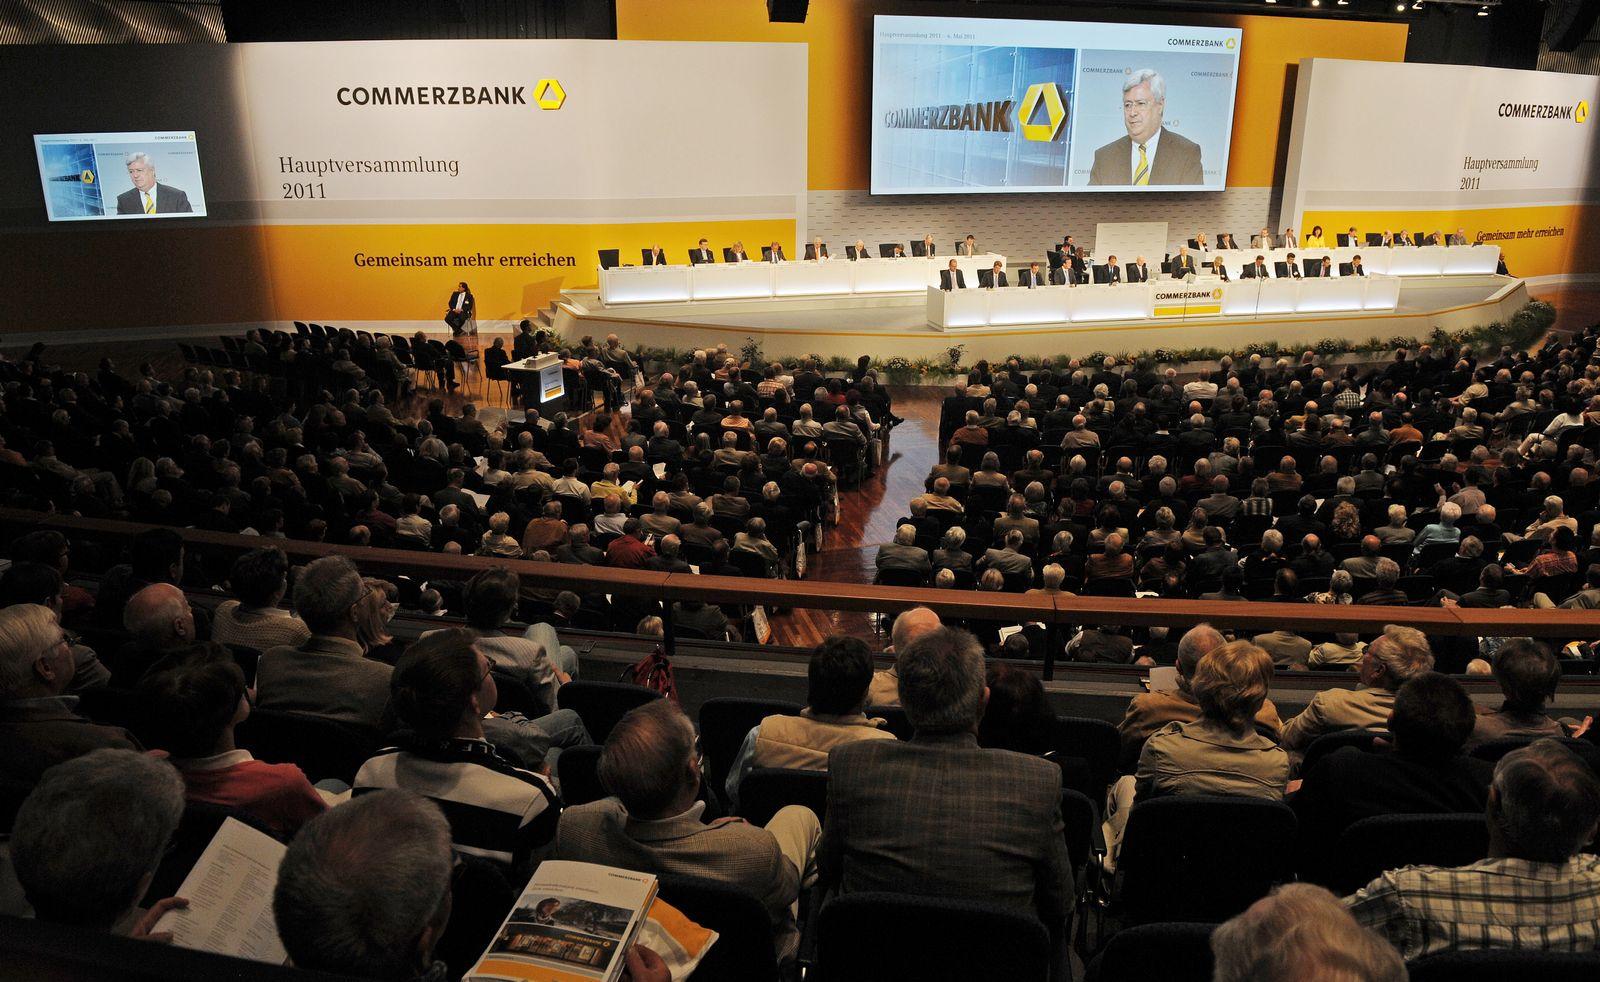 NICHT VERWENDEN Commerzbank Hauptversammlung